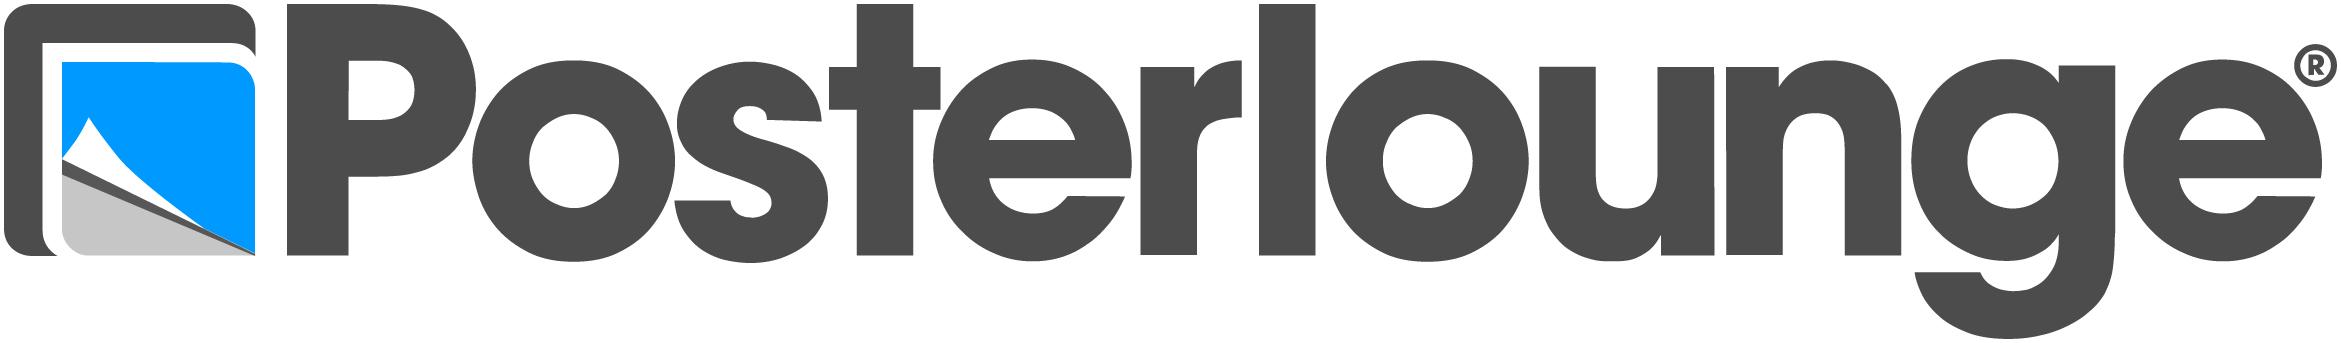 poster-lounge-logo